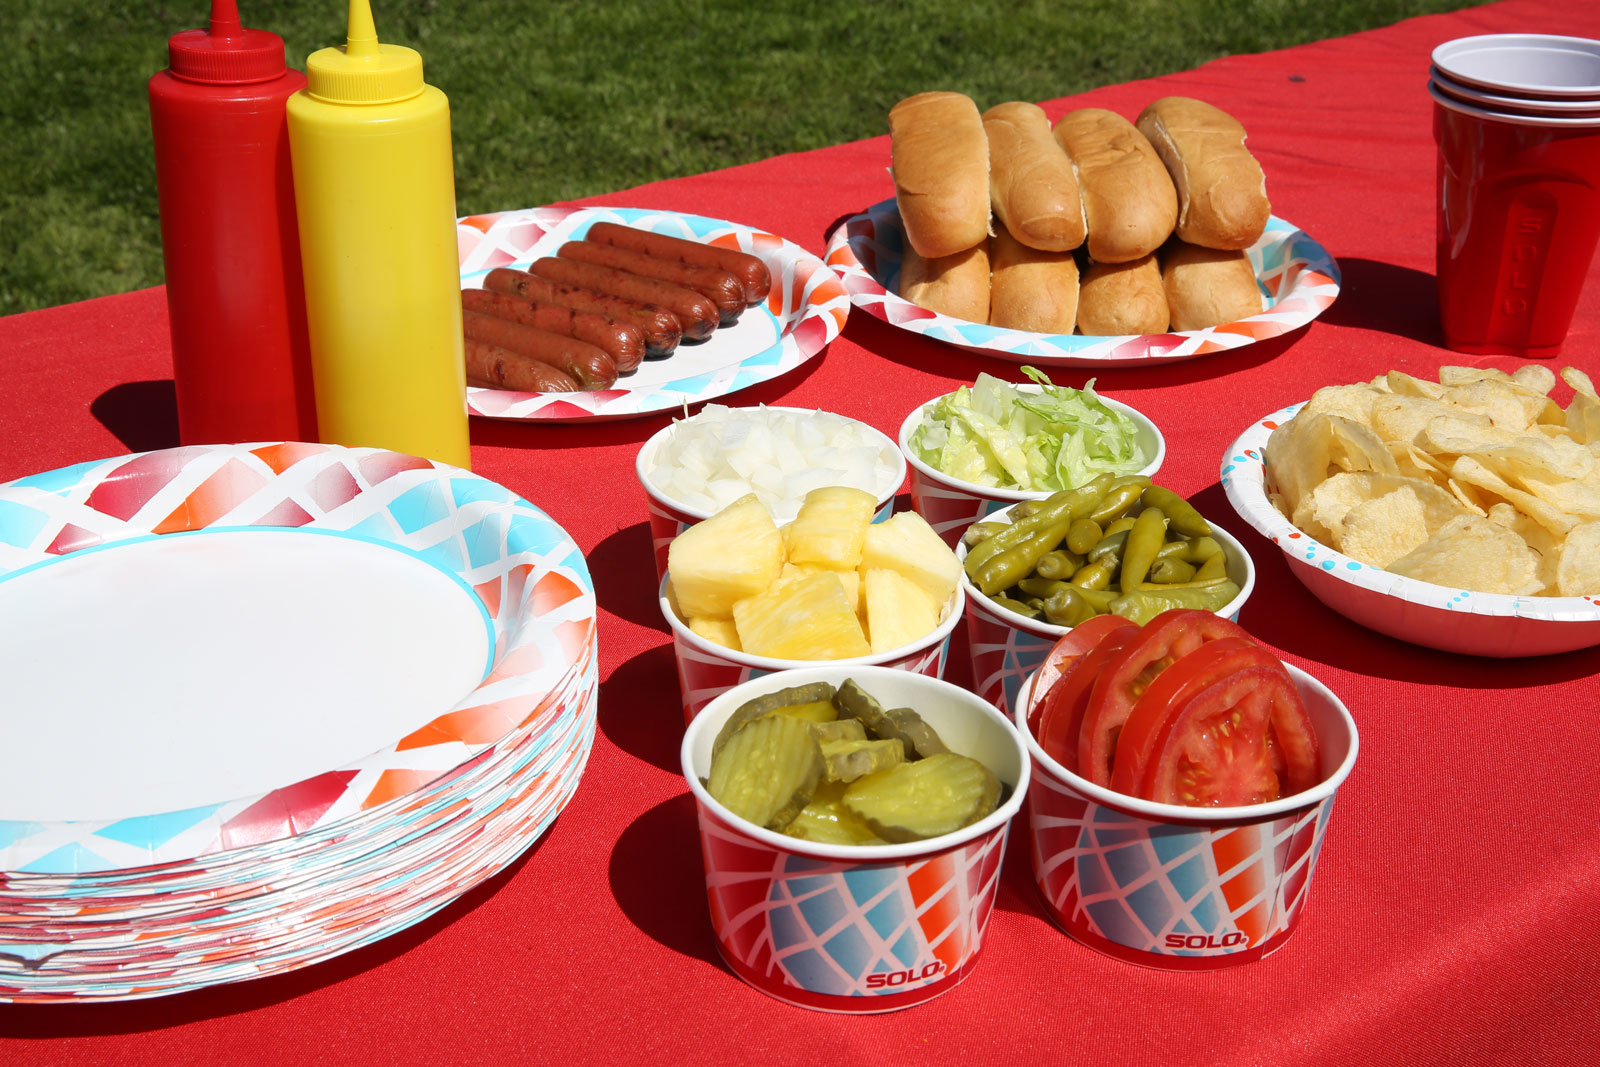 Hot Dog Toppings.jpg